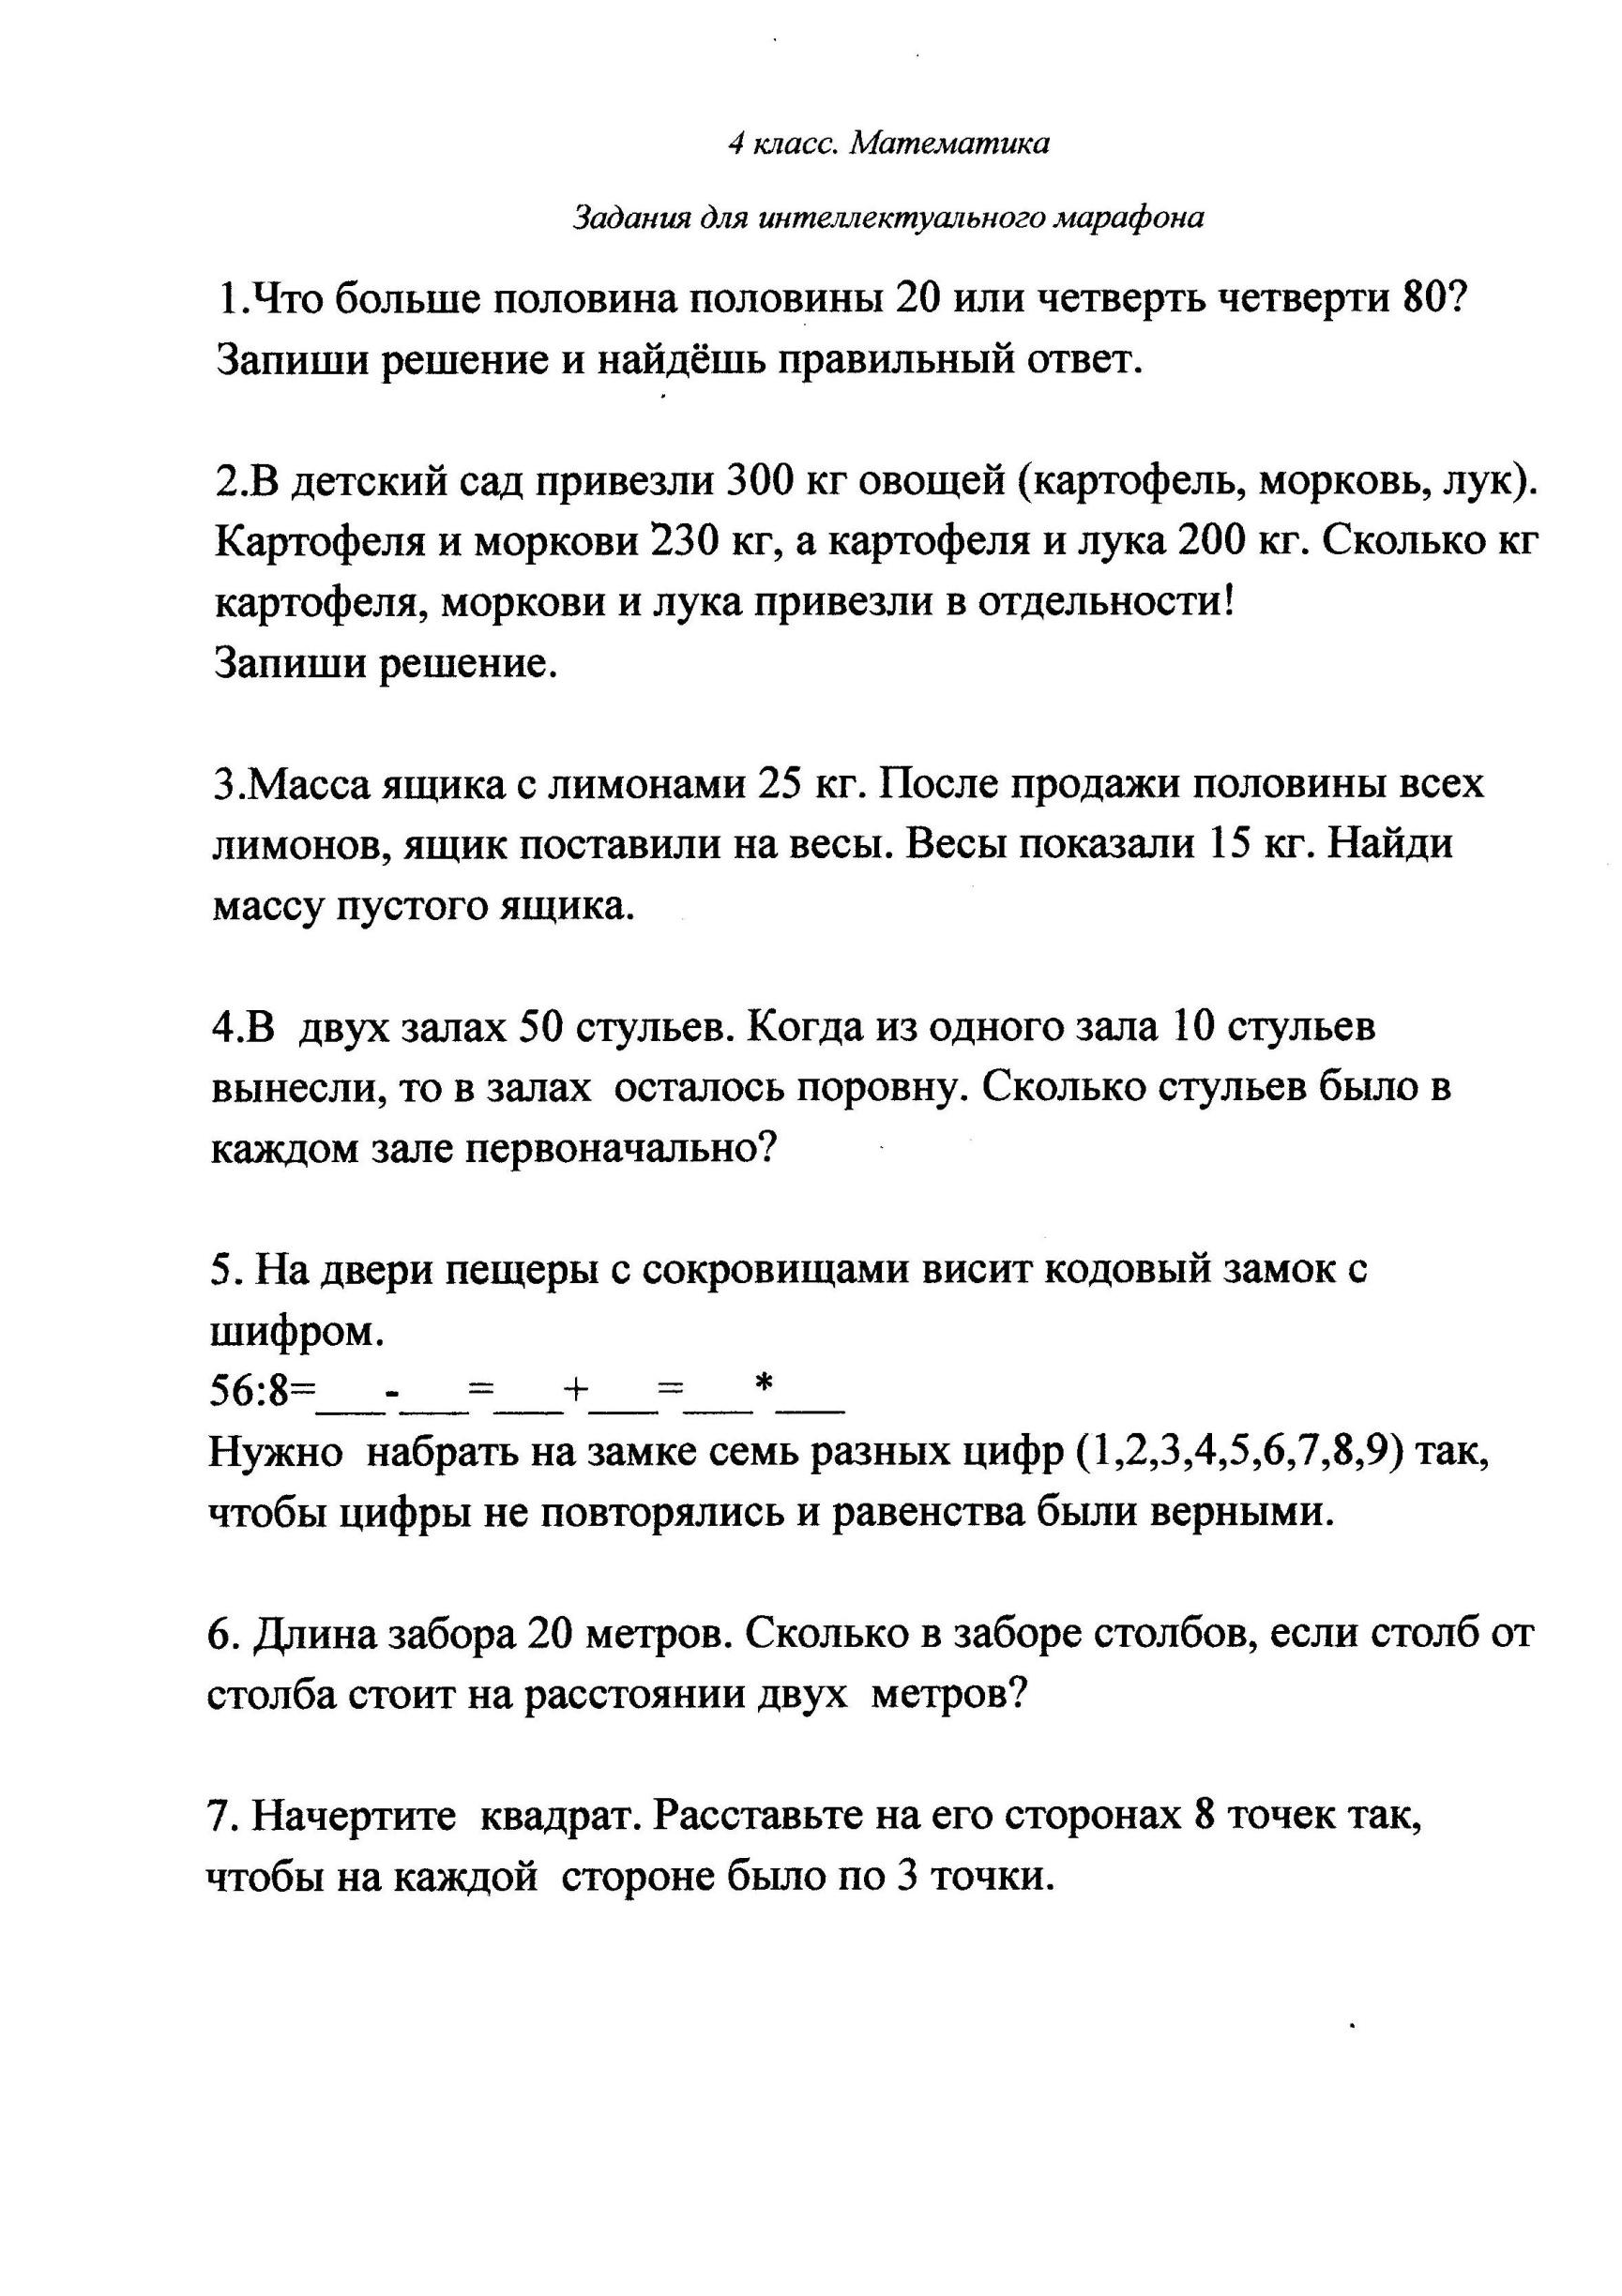 C:\Users\Эксперт\Documents\Интеллектуальный марафон2011\4 класс\360.jpg